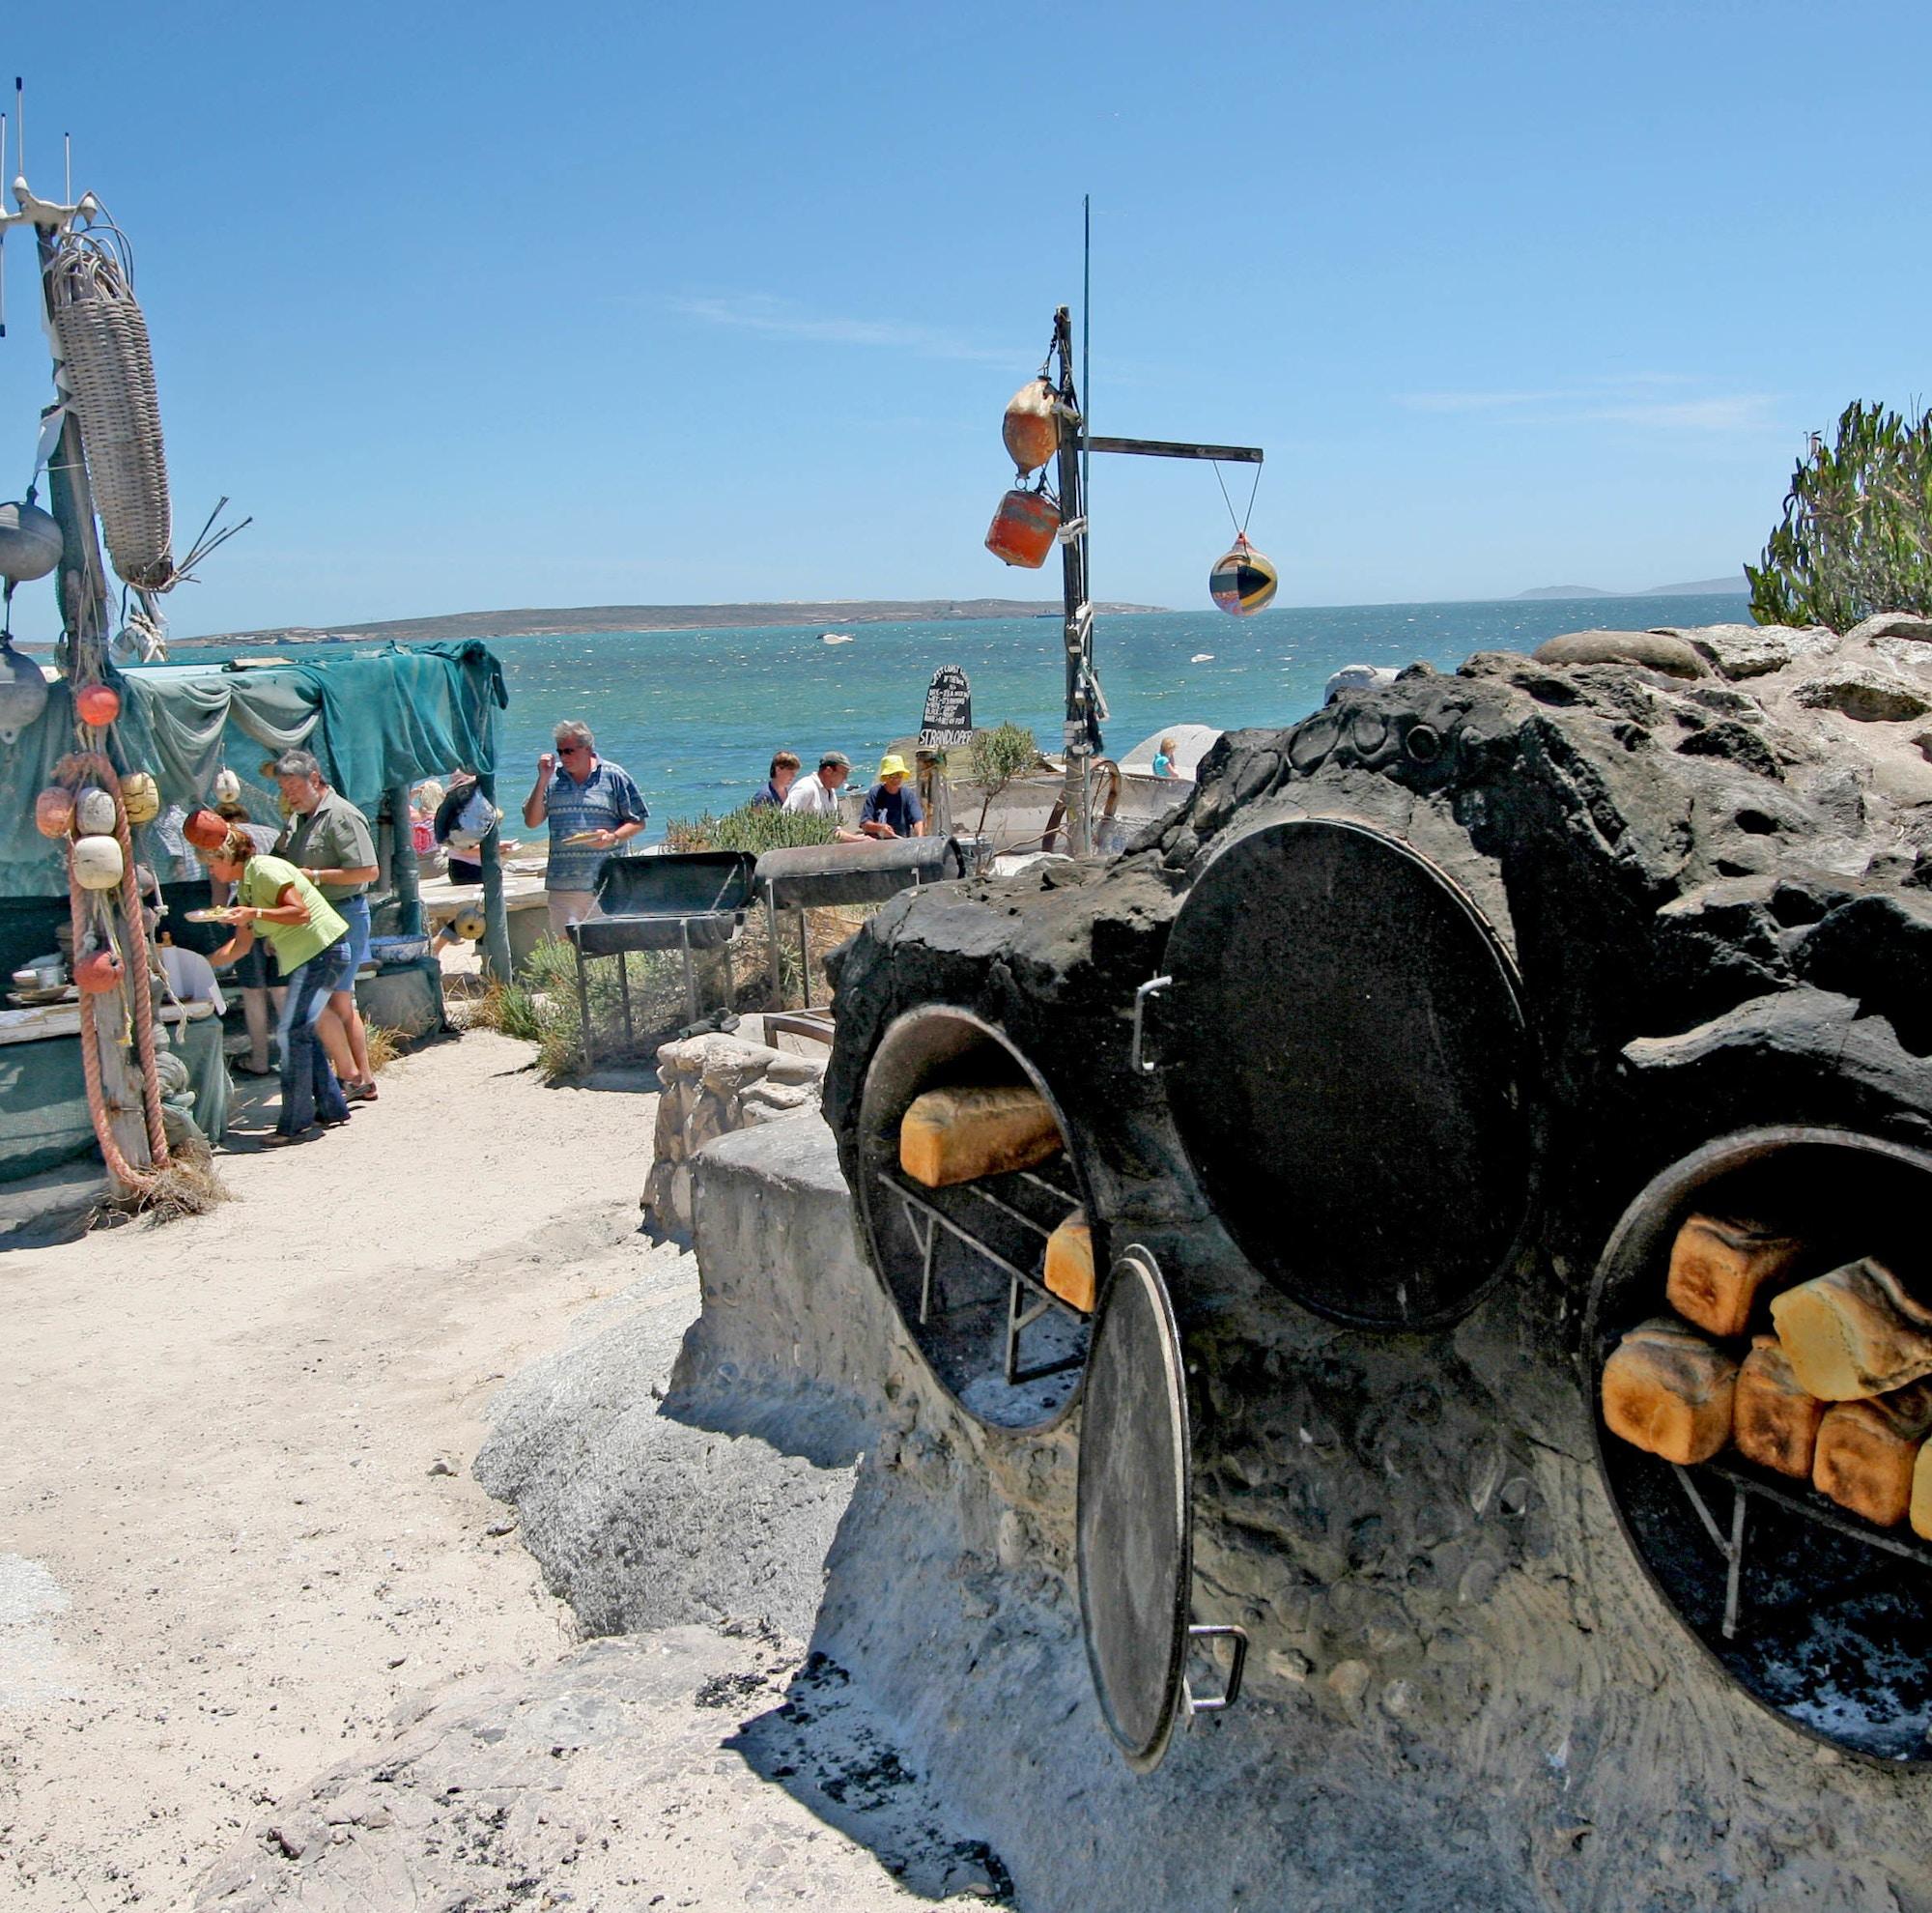 Die Strandloper